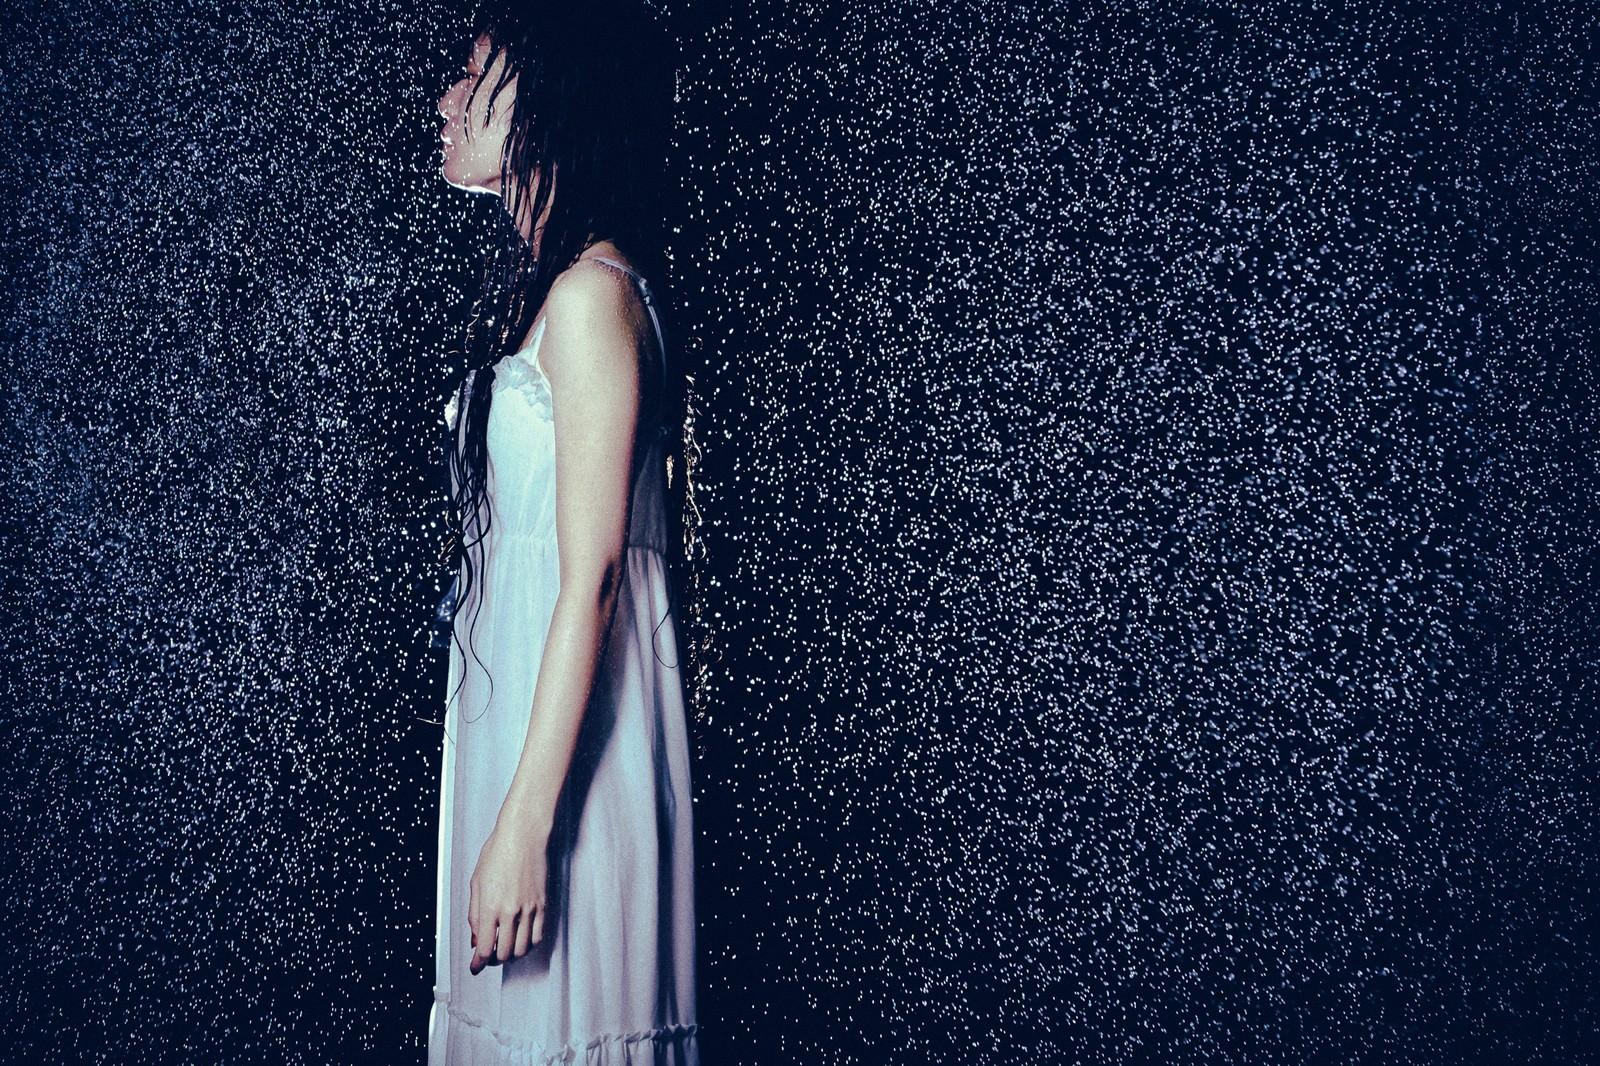 「大雨とほっそりした女性の横姿」の写真